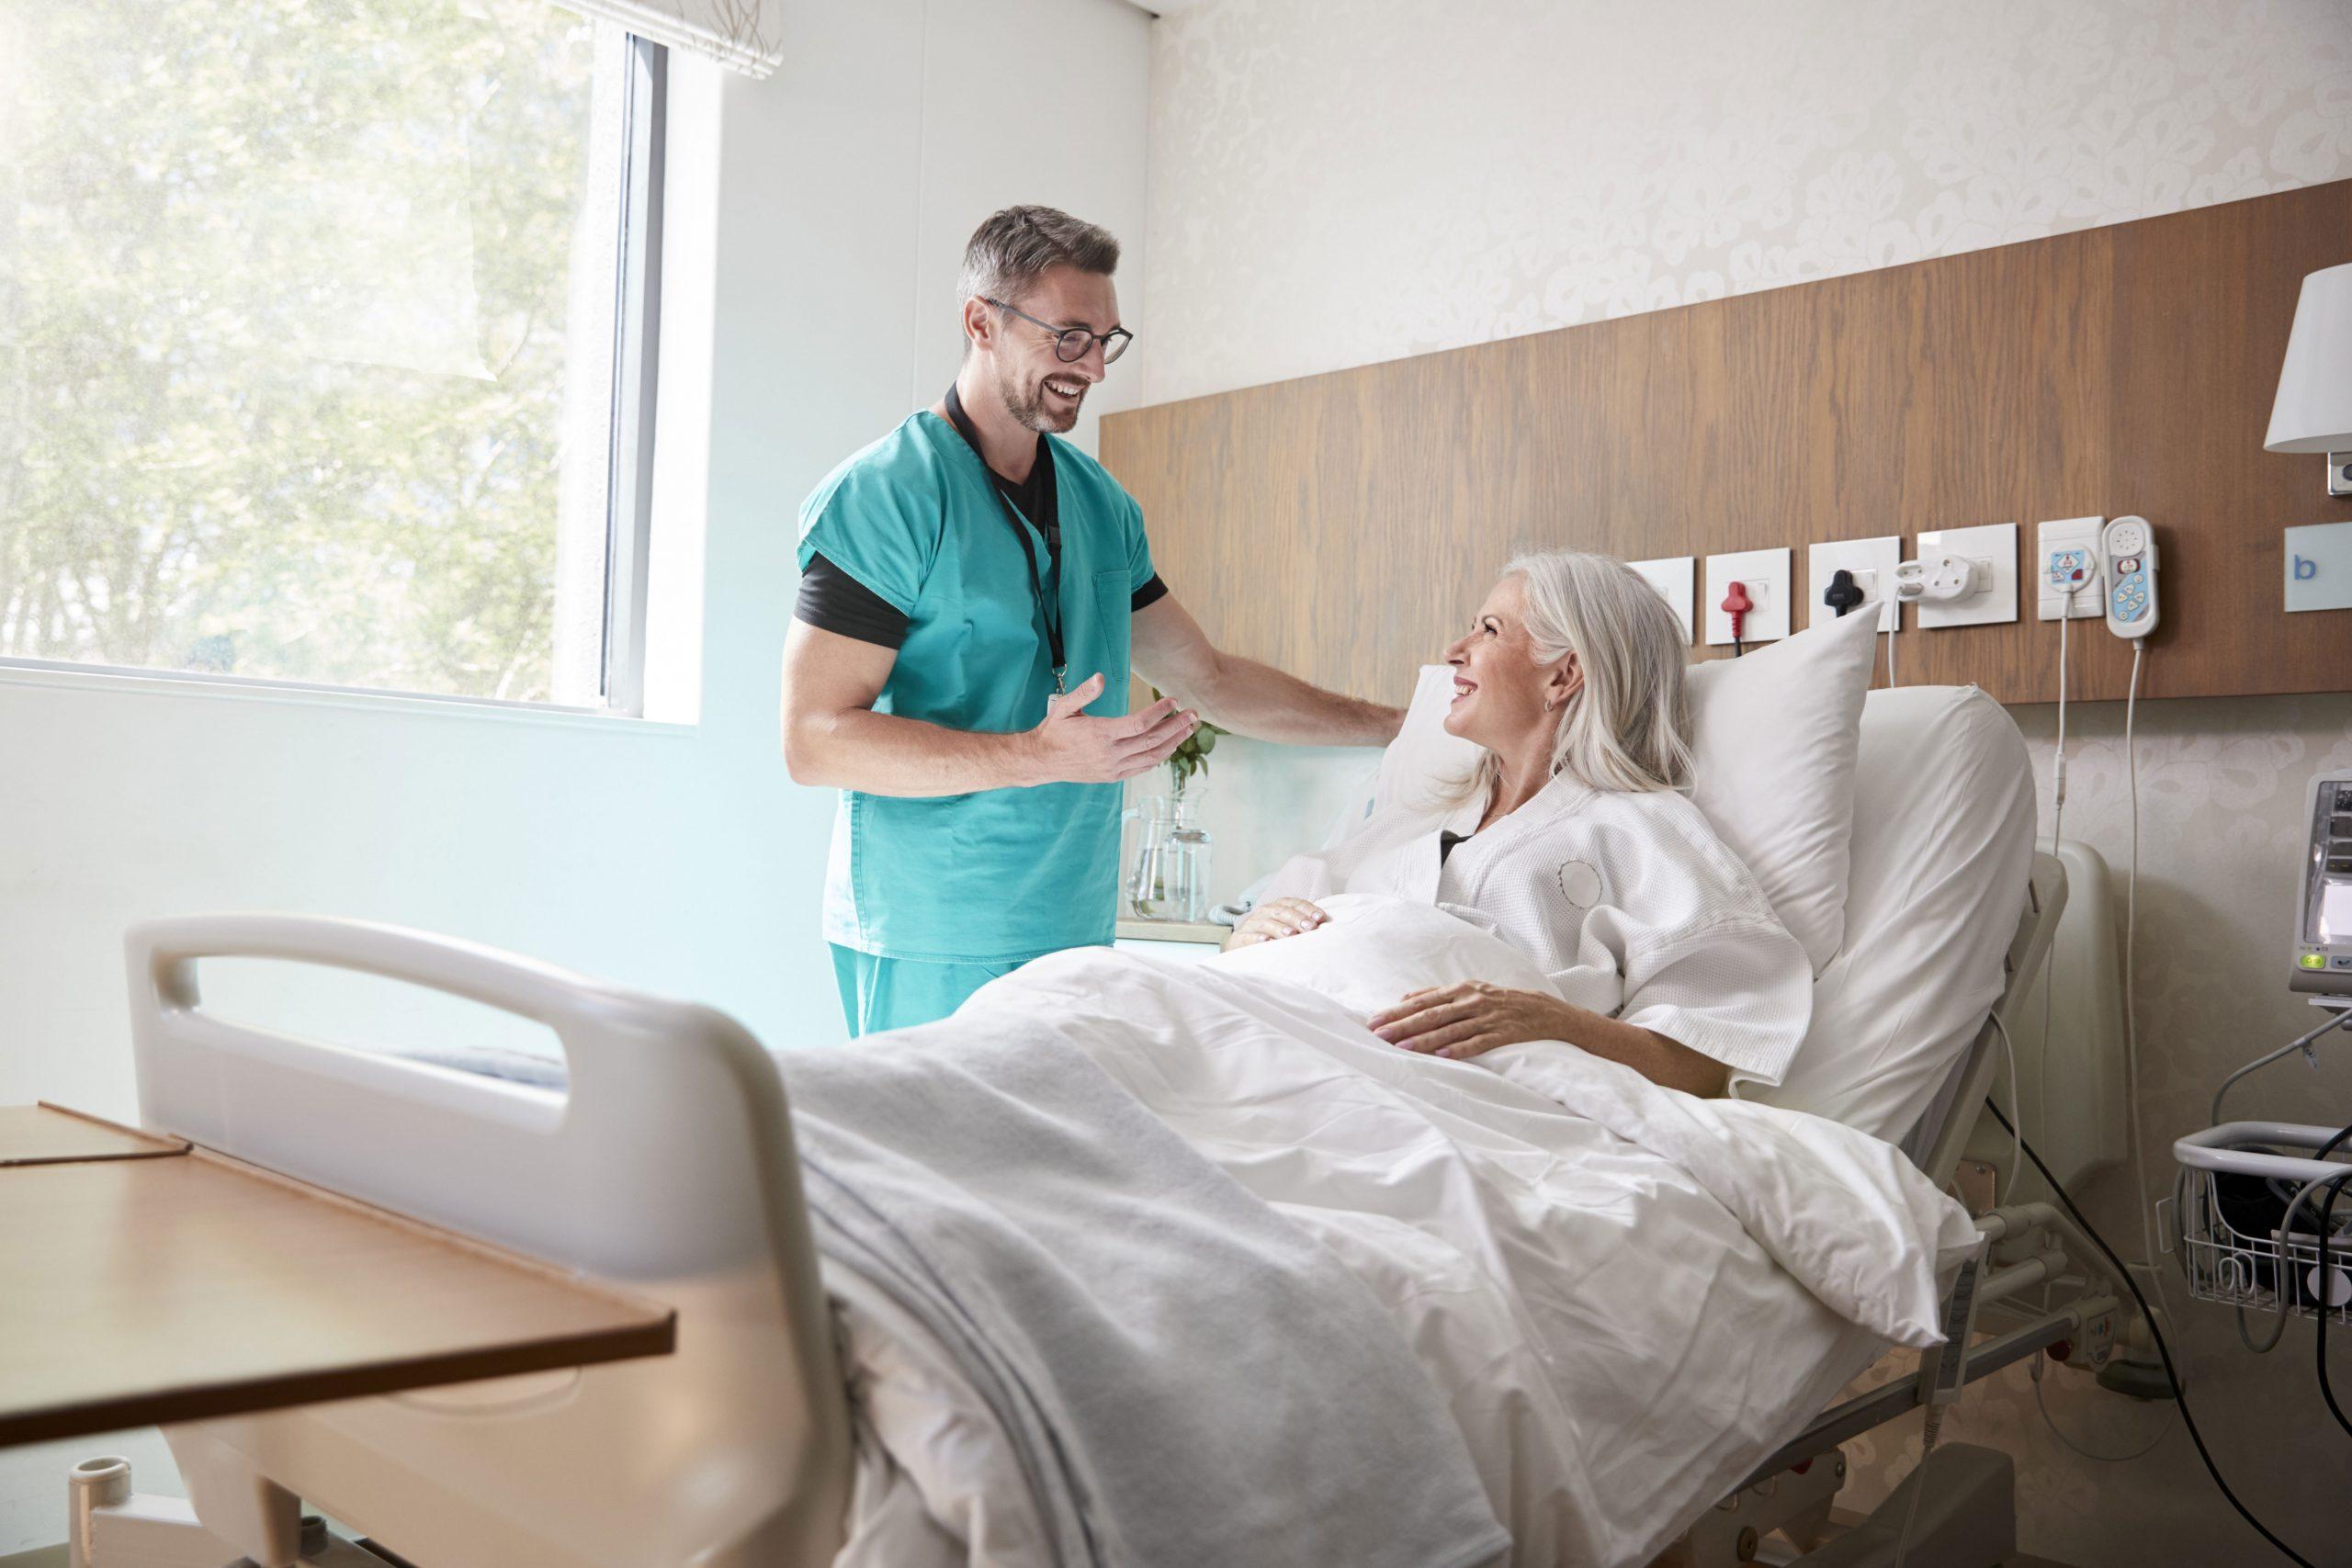 Op weg naar een smart ziekenhuisbed met het verpleegkundig oproepsysteem